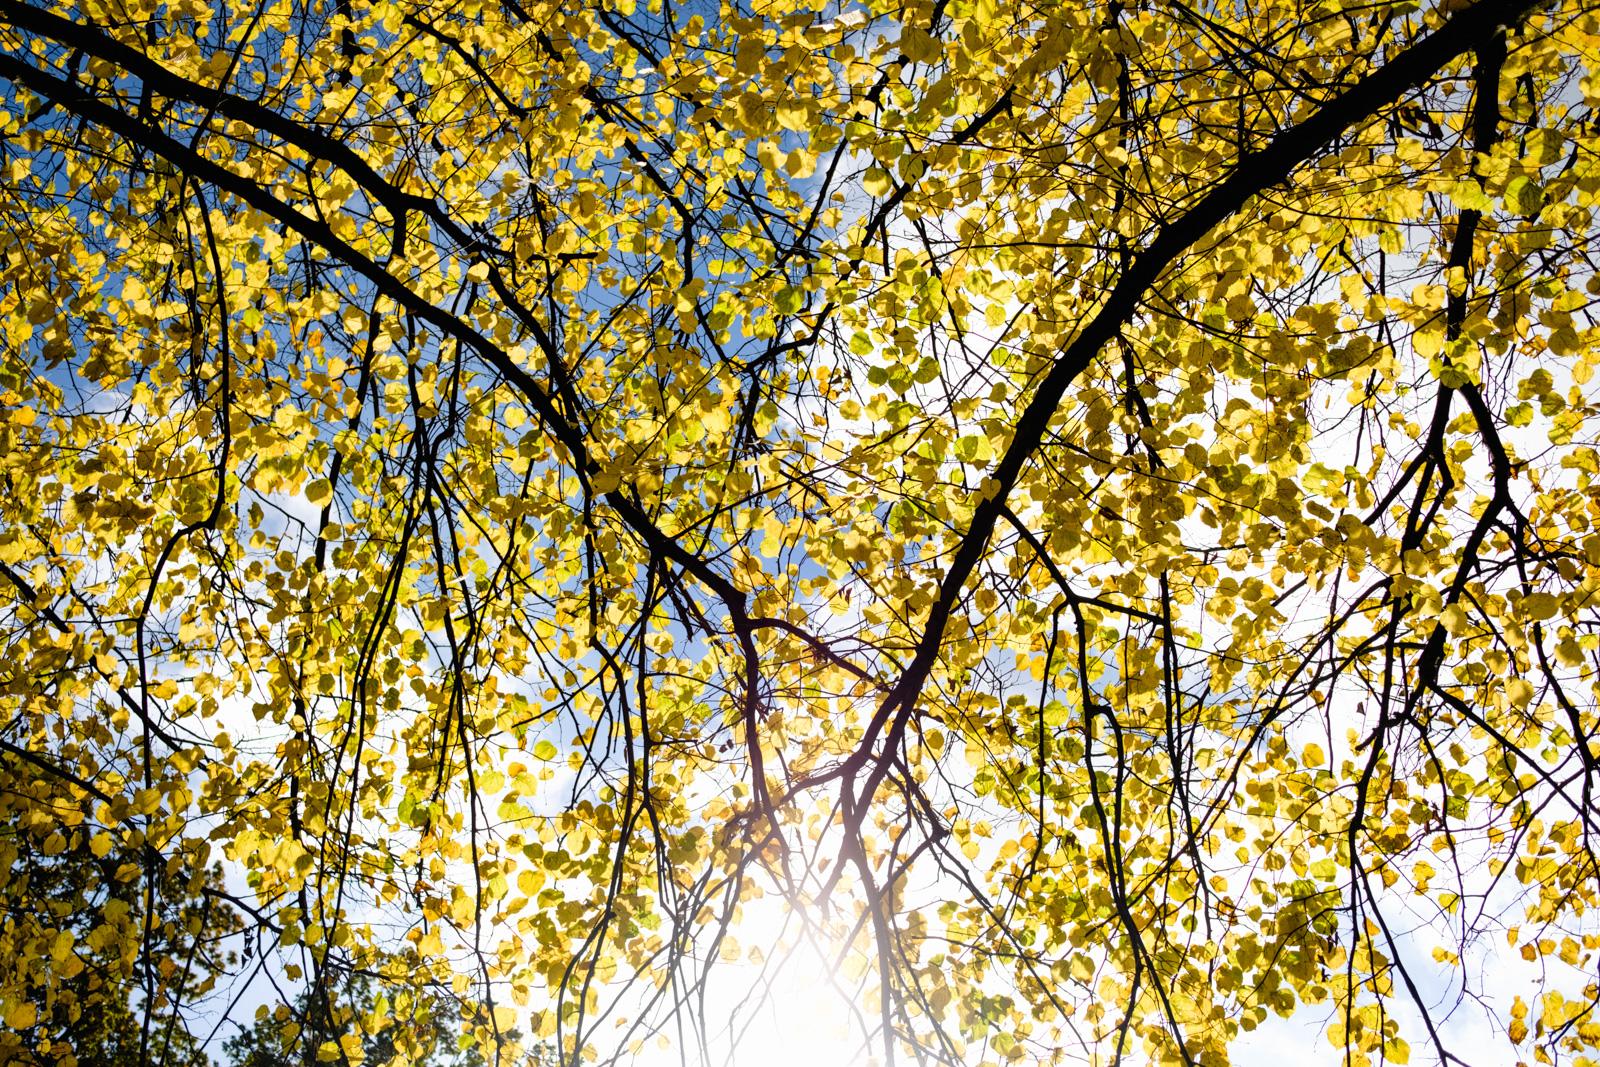 Gold leaves, gold light. Søndermarken, Copenhagen.